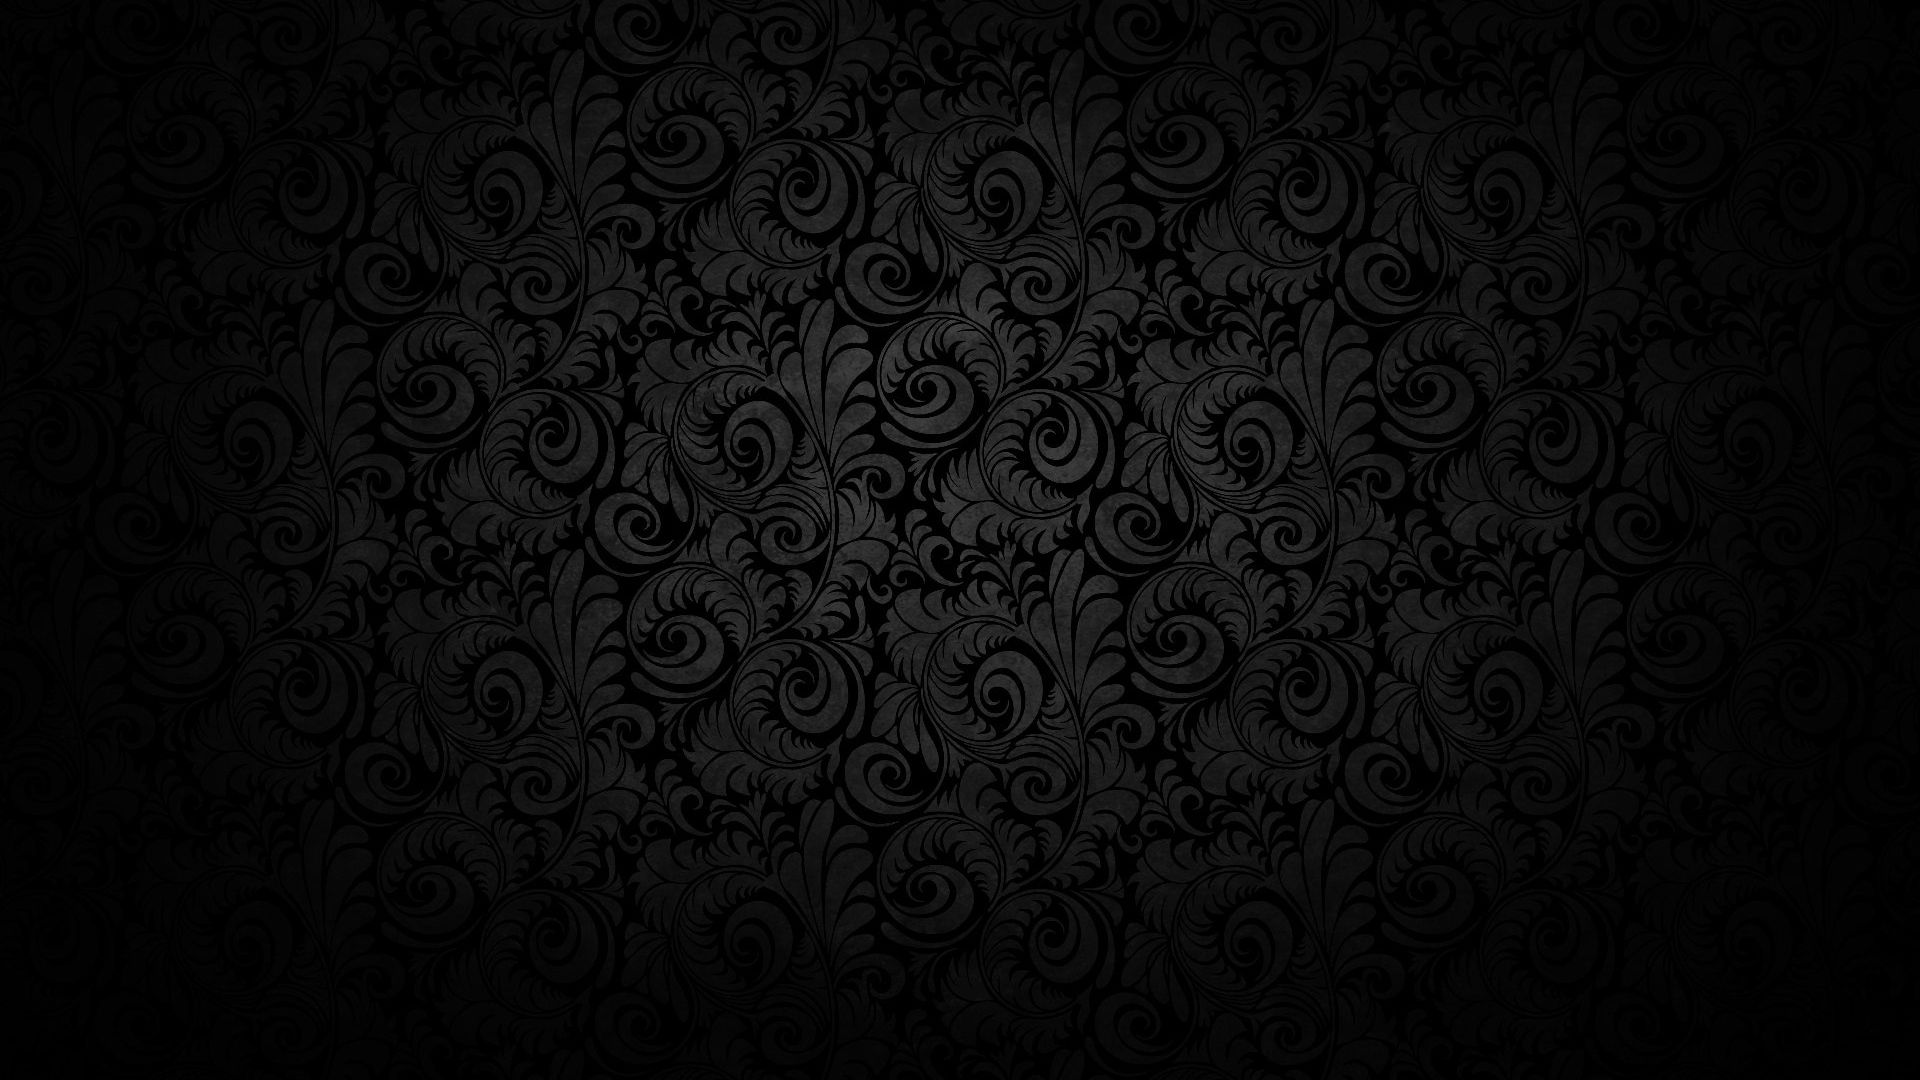 Black Pattern Wallpaper Hd 1080p | Babangrichie org